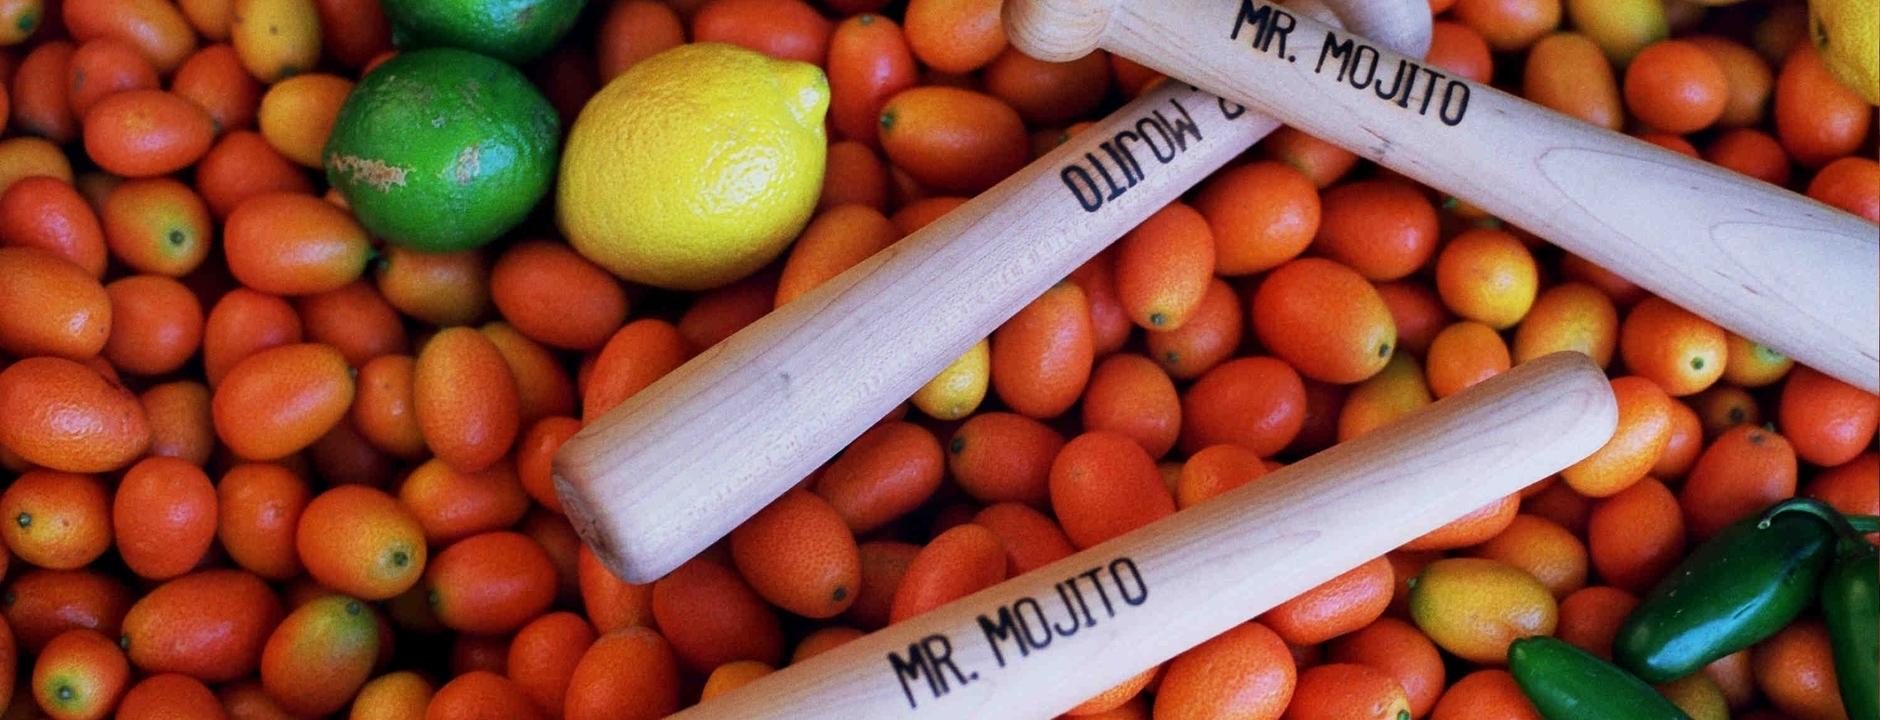 mister-mojito-muddler-in-the-press.jpg